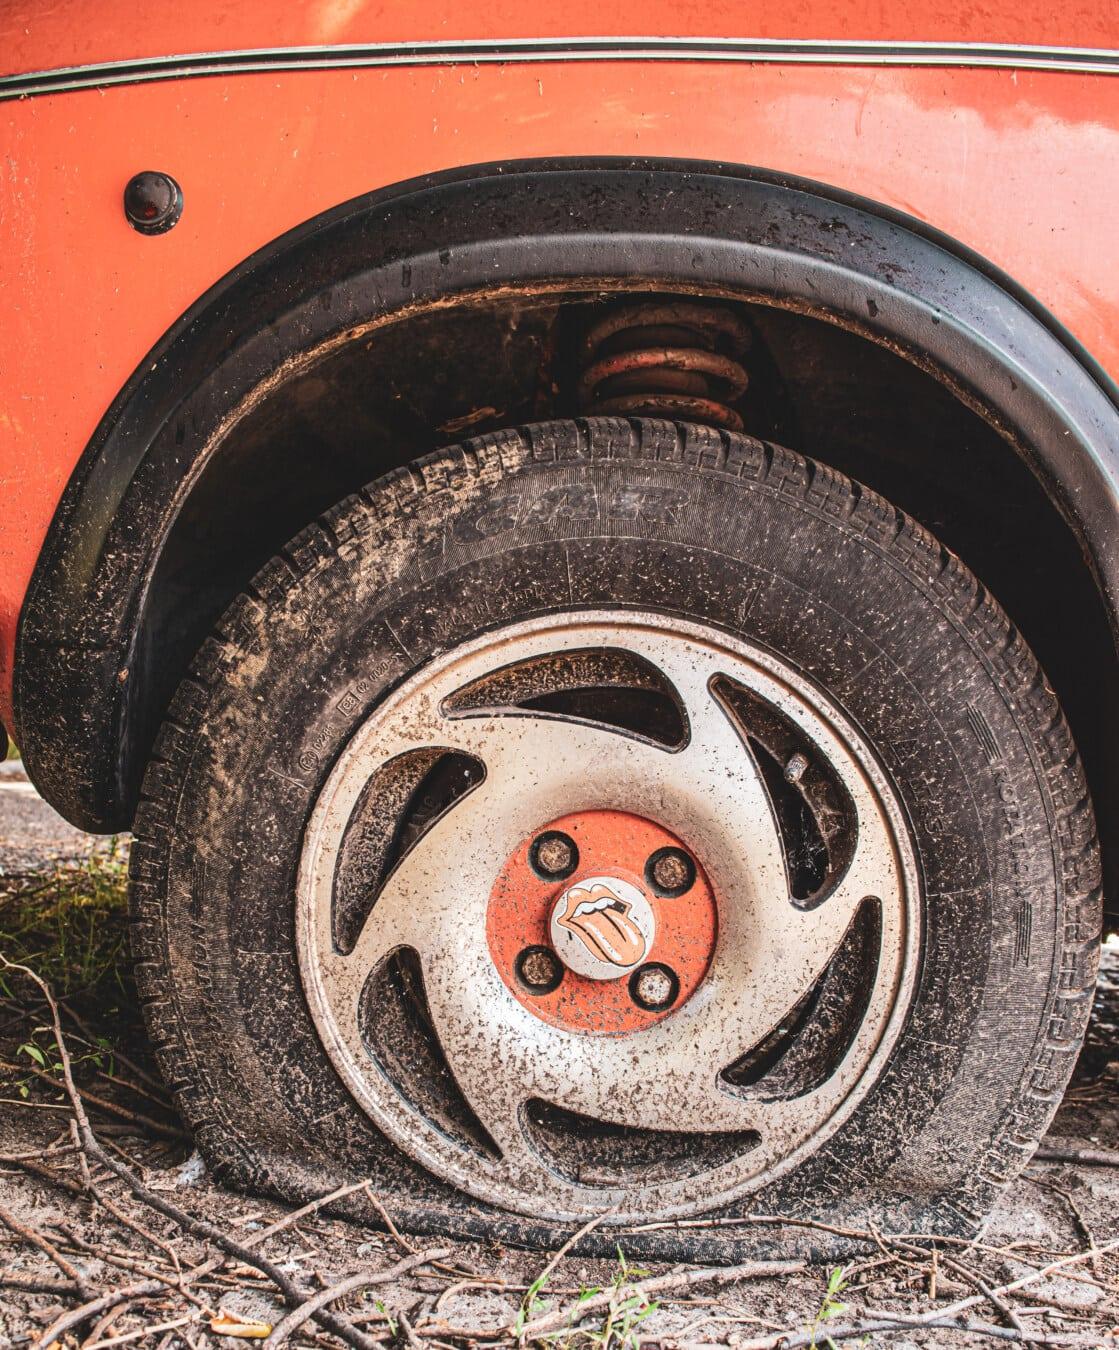 voiture, jante, pneu, vieux, vintage, nostalgie, abandonné, roue, sale, automobile